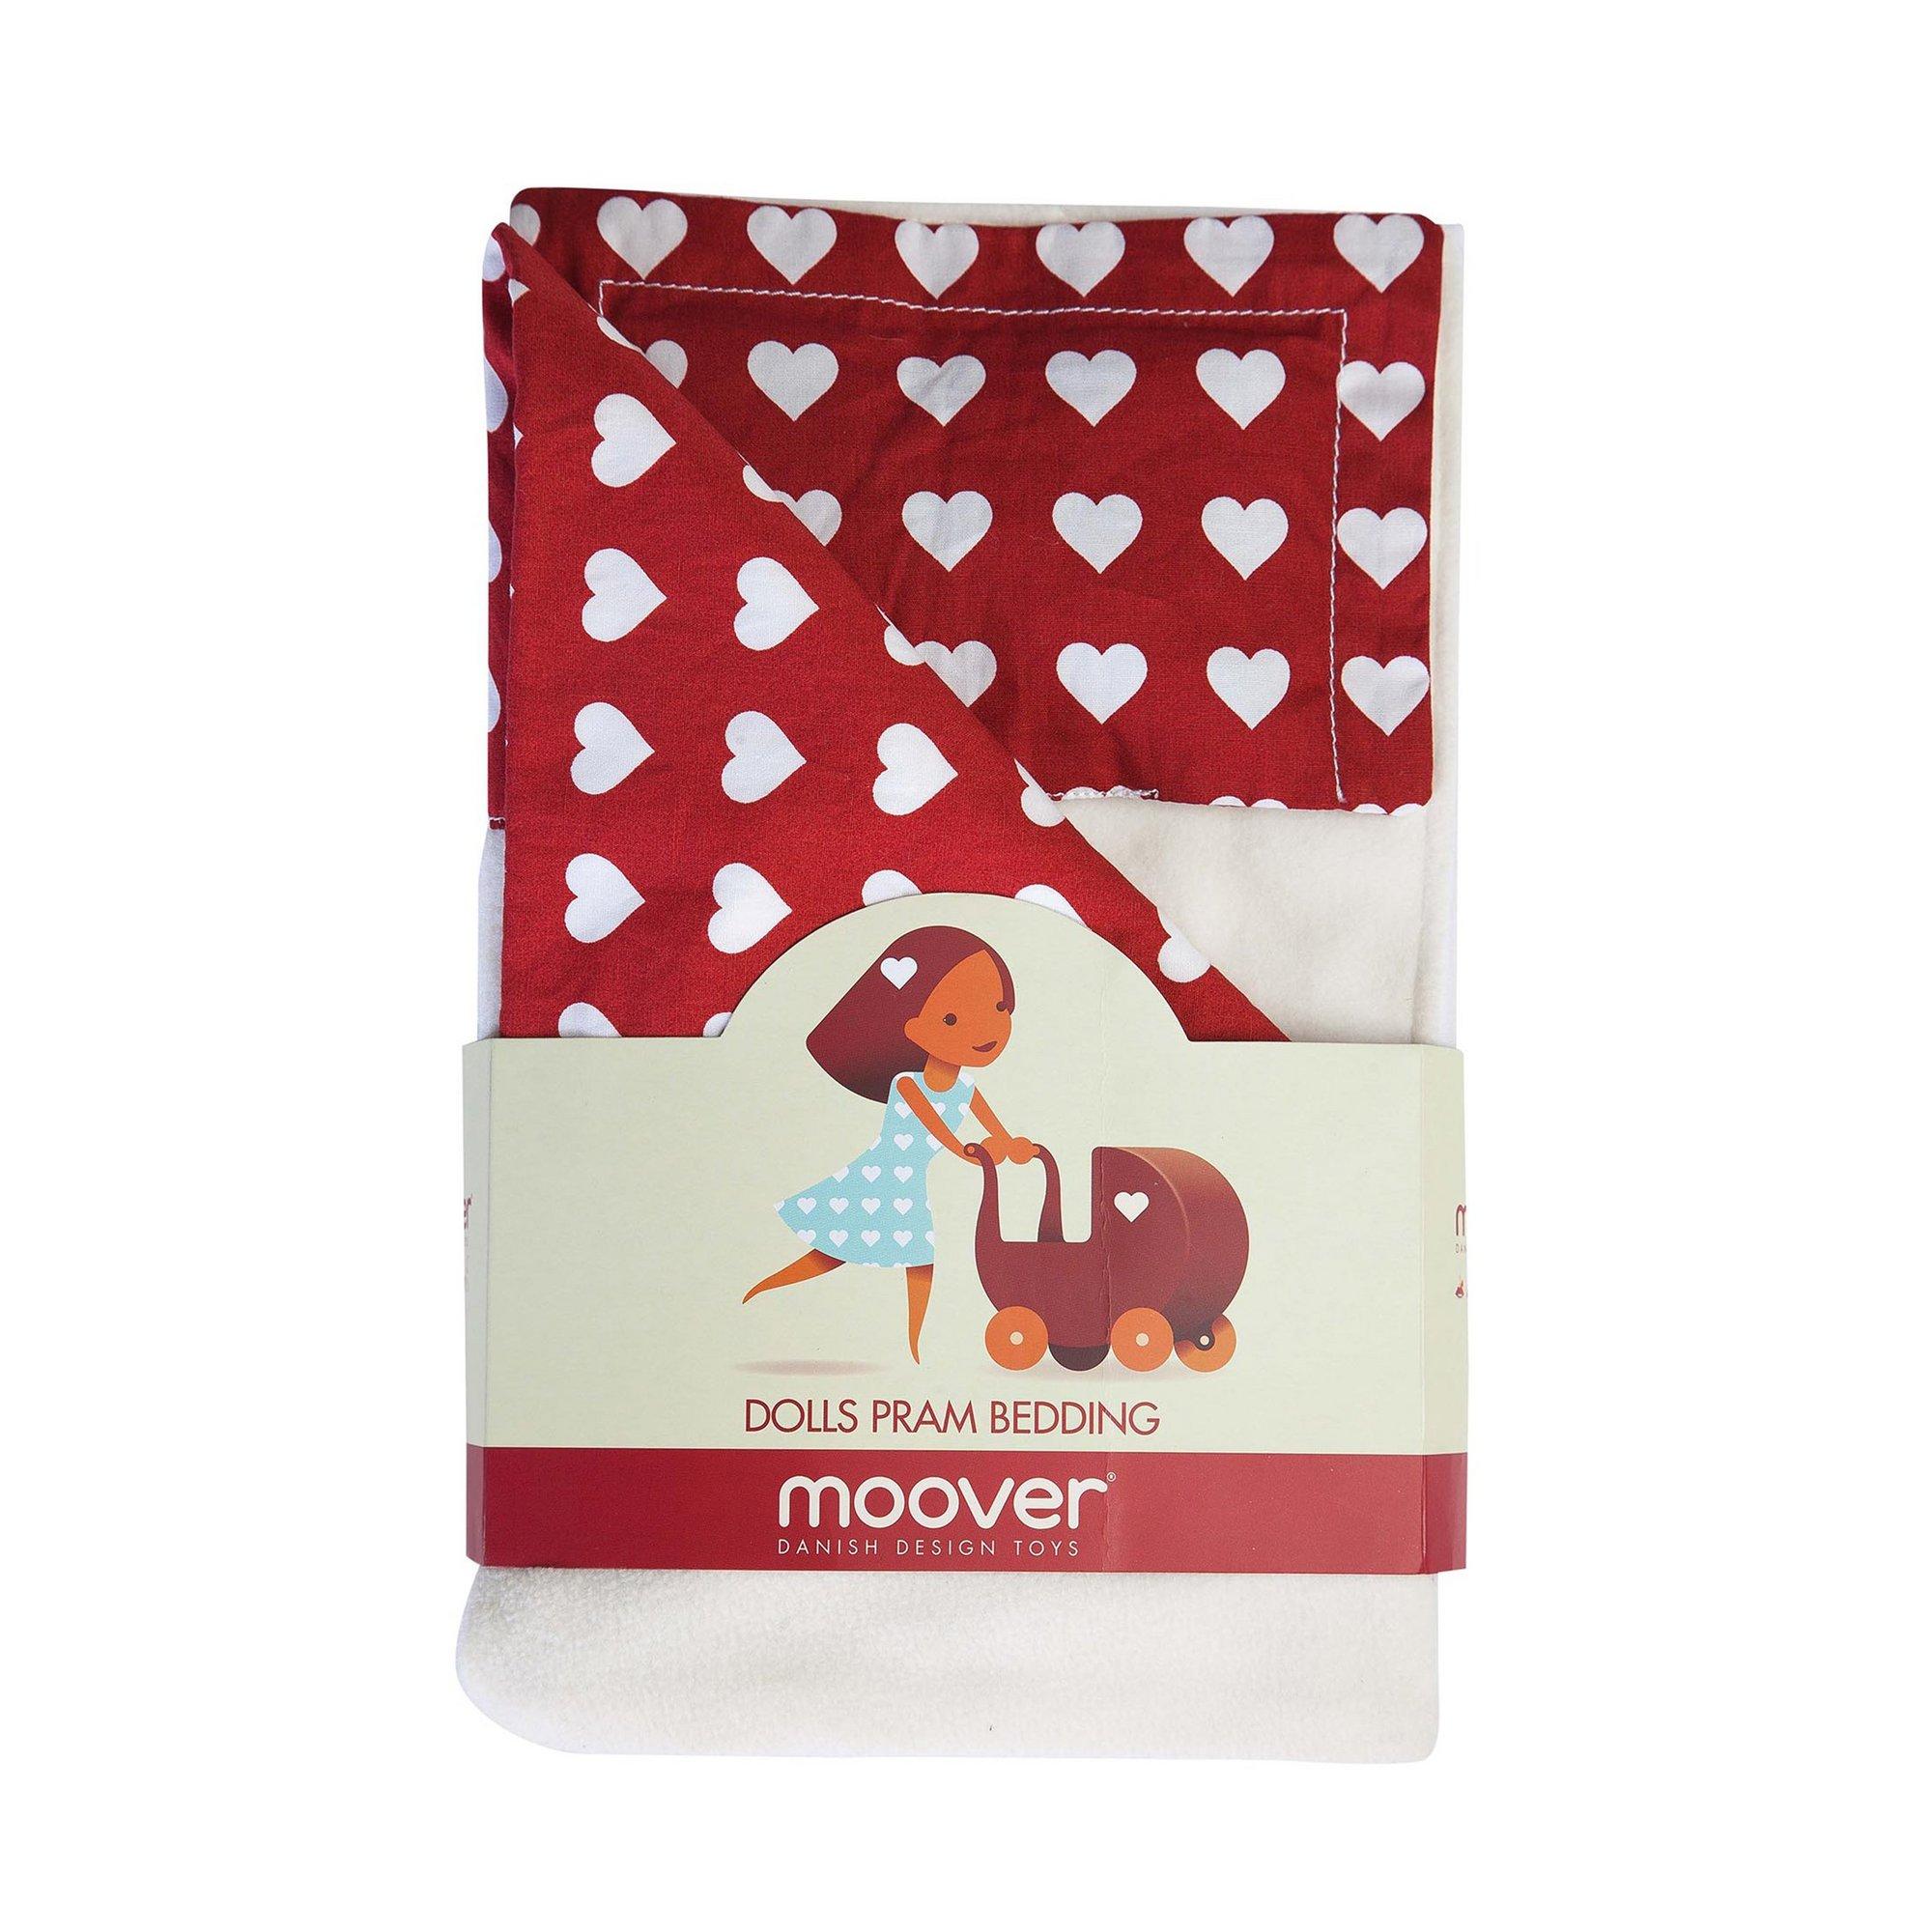 Image of Moover Pram Bedding Set